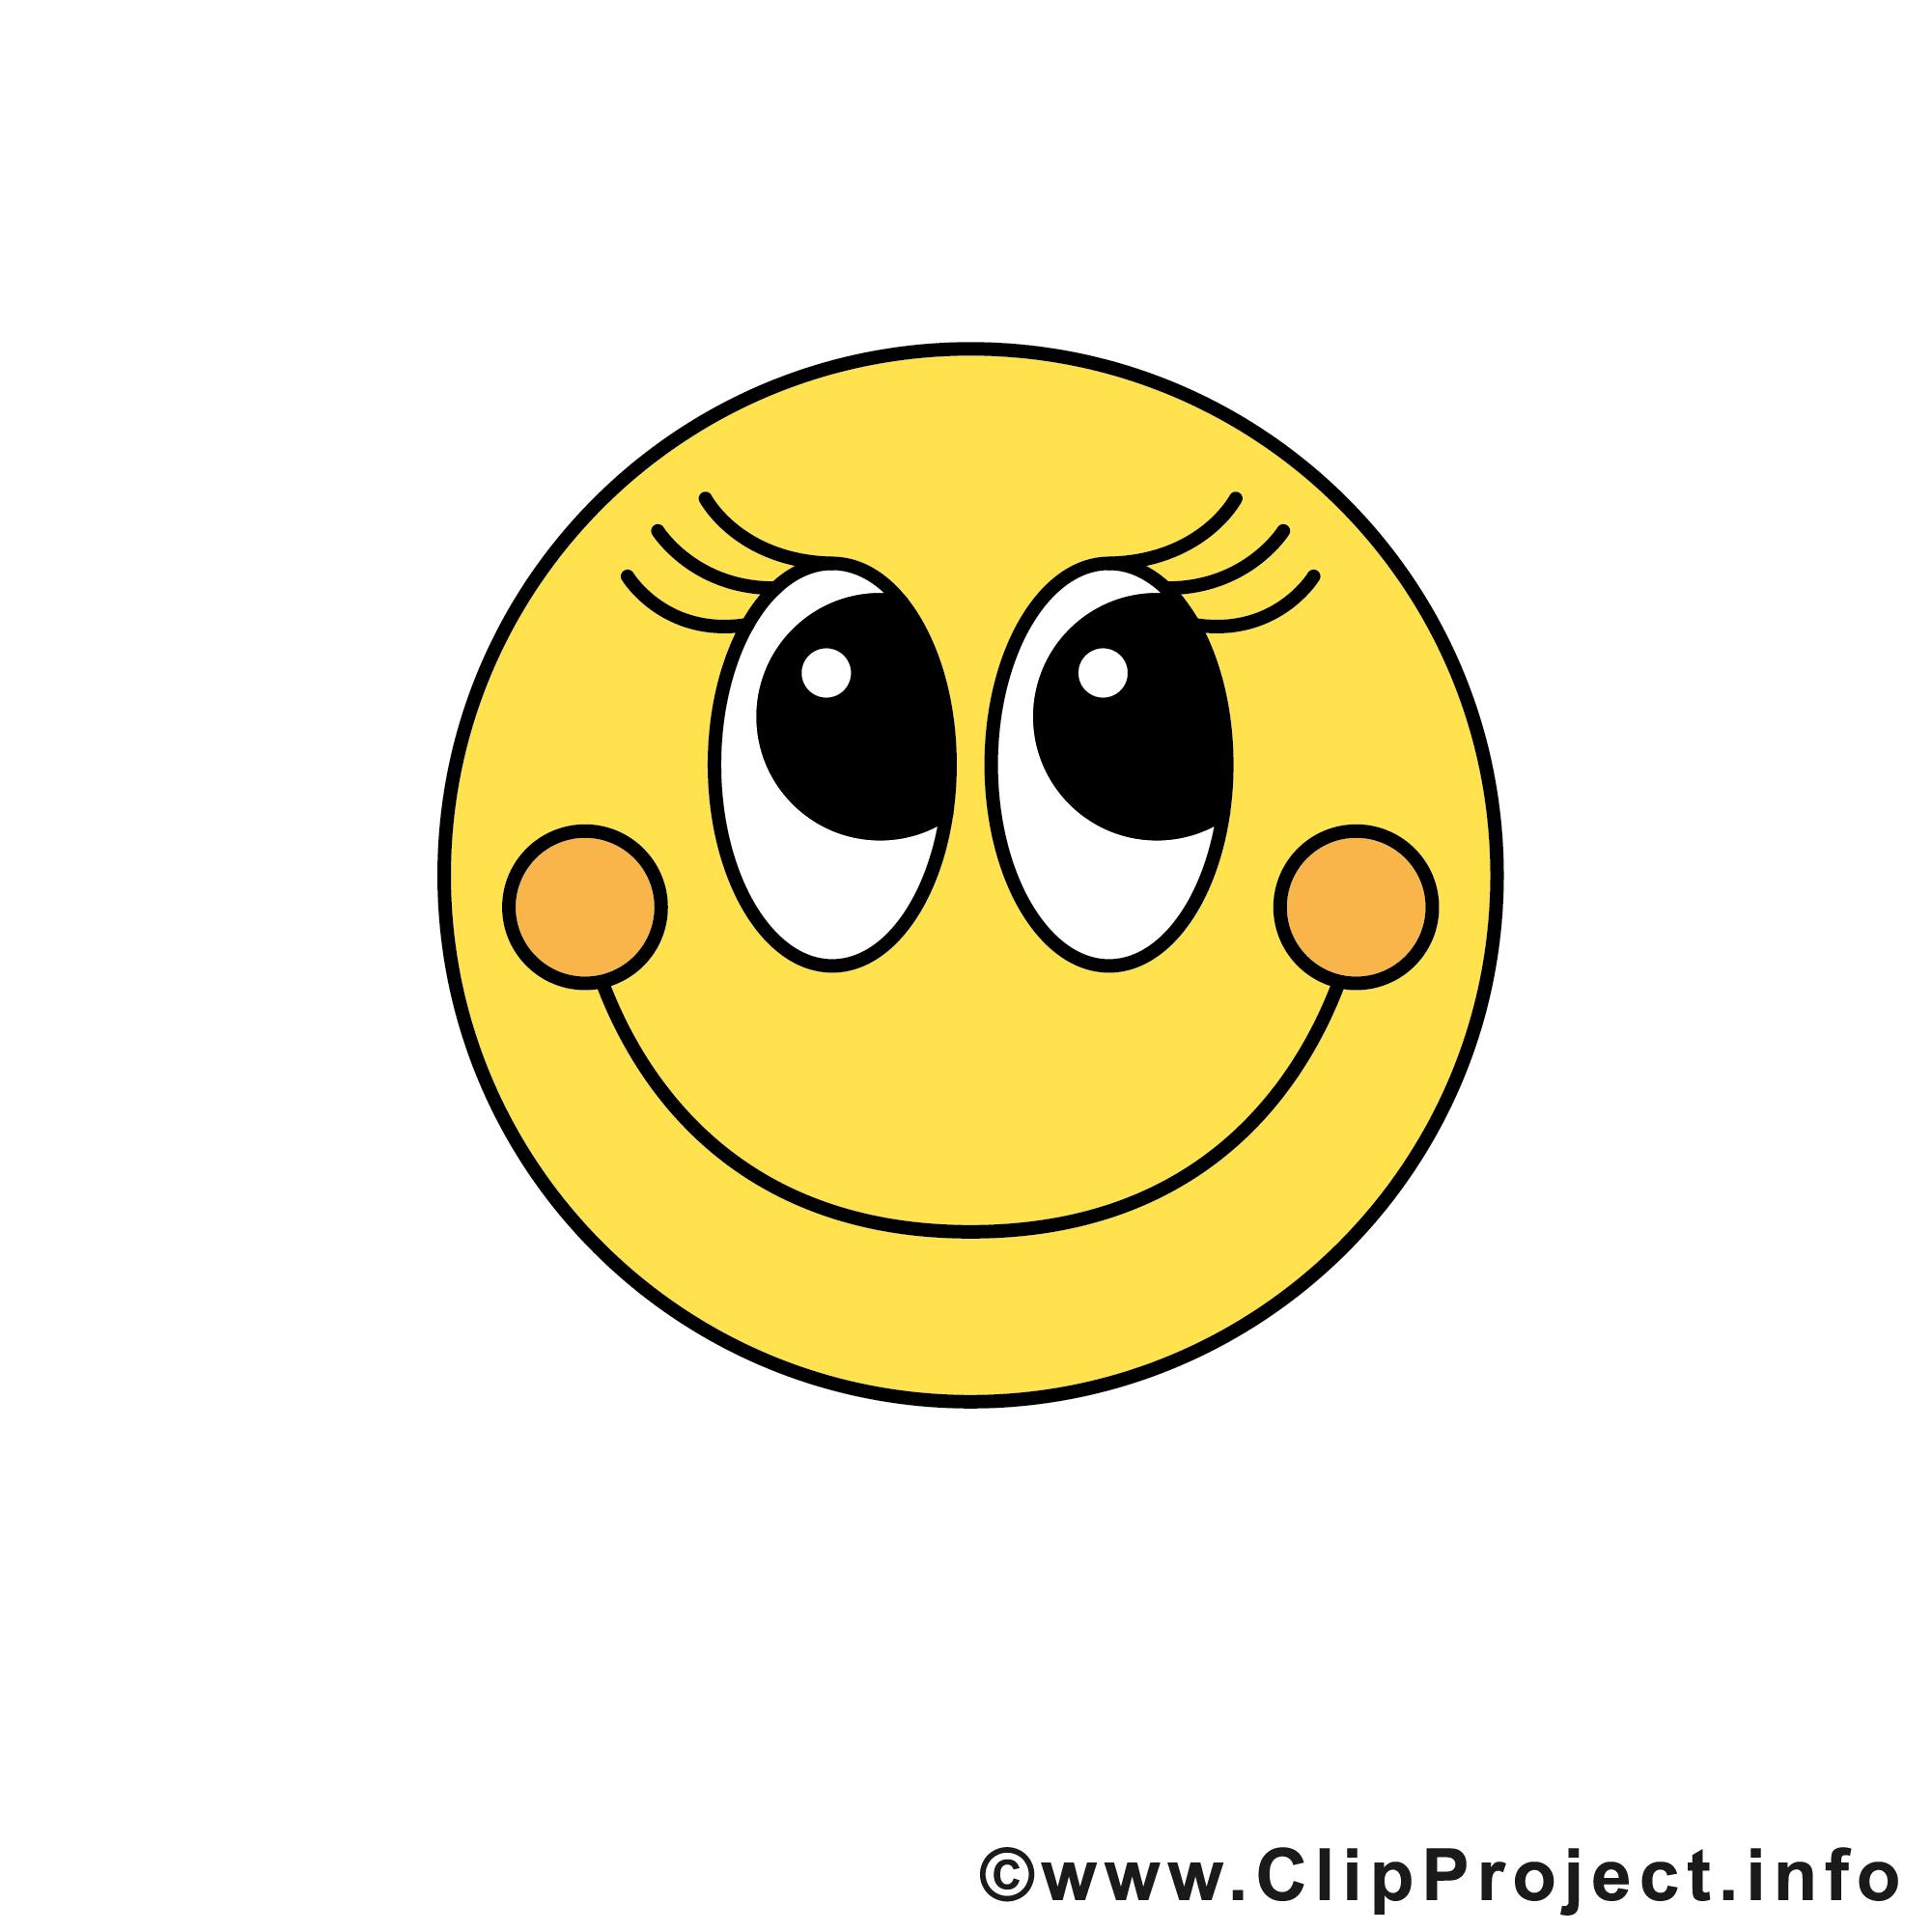 Smilies cliparts kostenlos